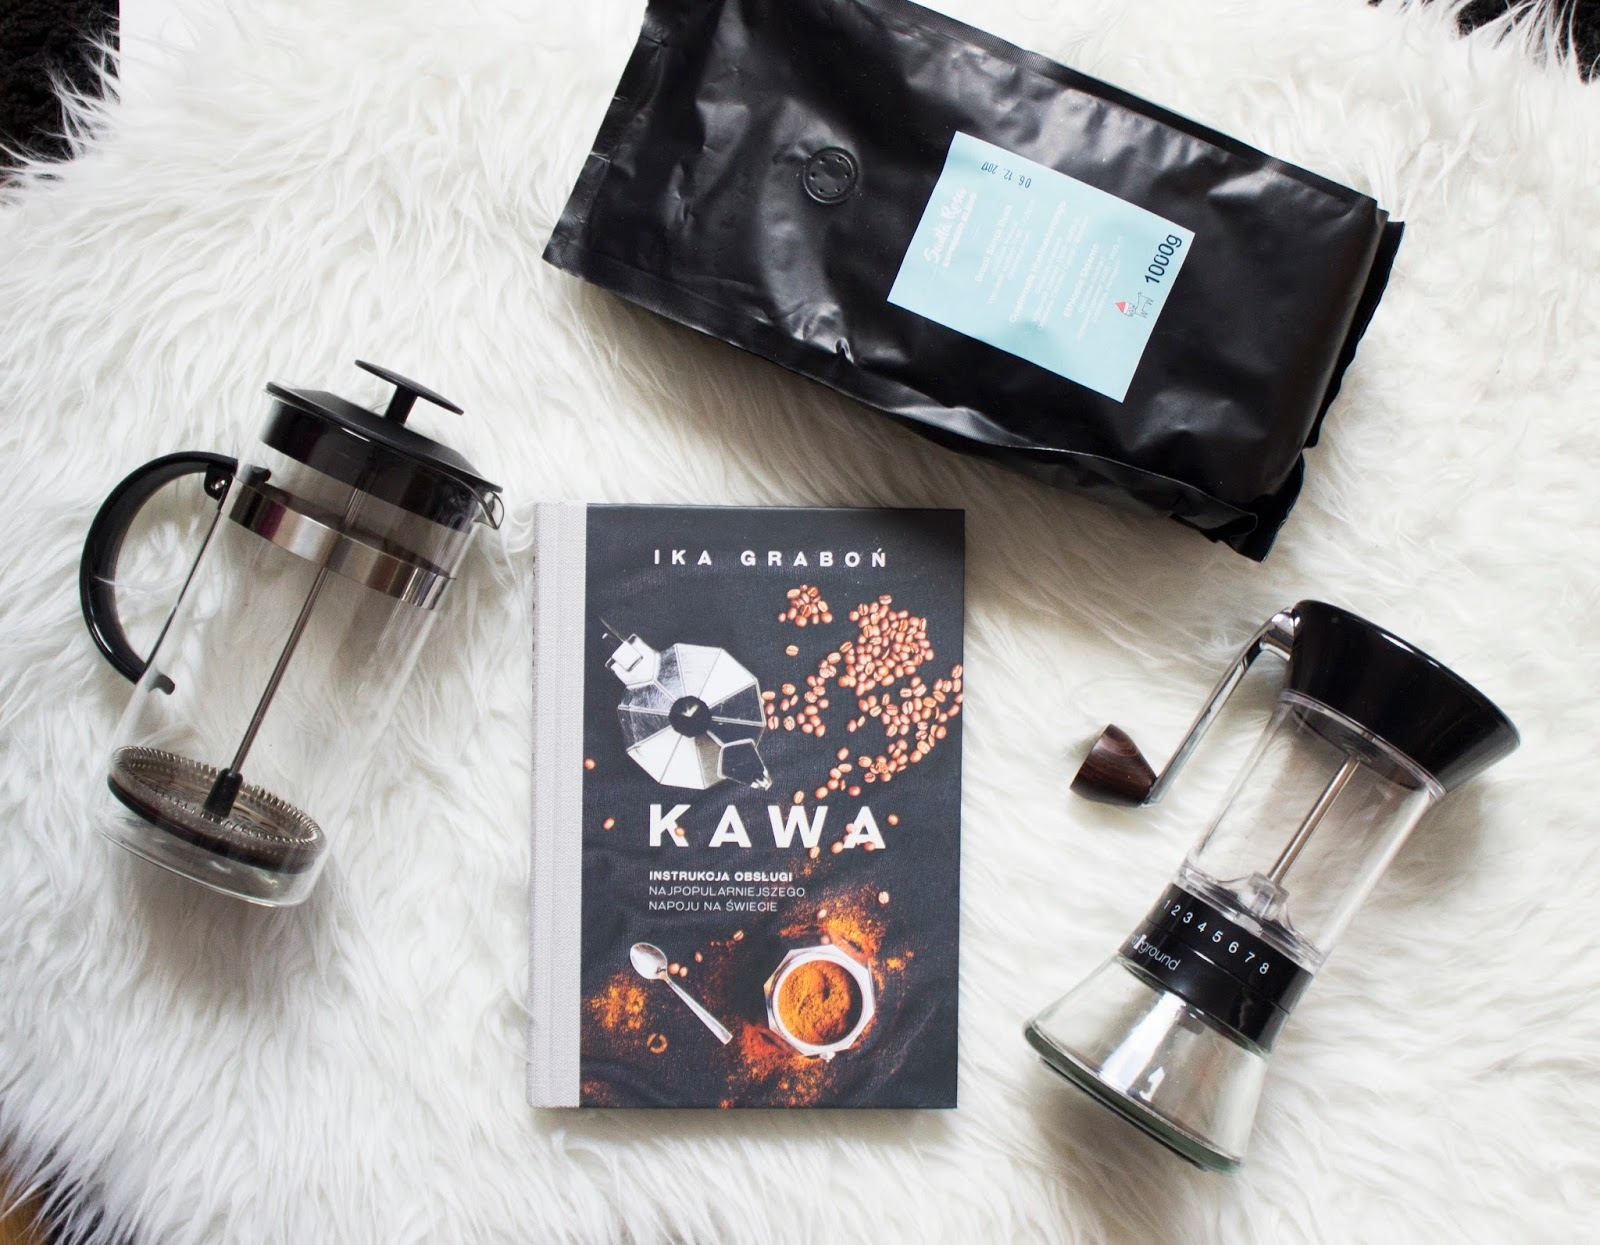 książka, kawa młynek, frenchpress, ika graboń, recenzja, wylegarnia pomyslow